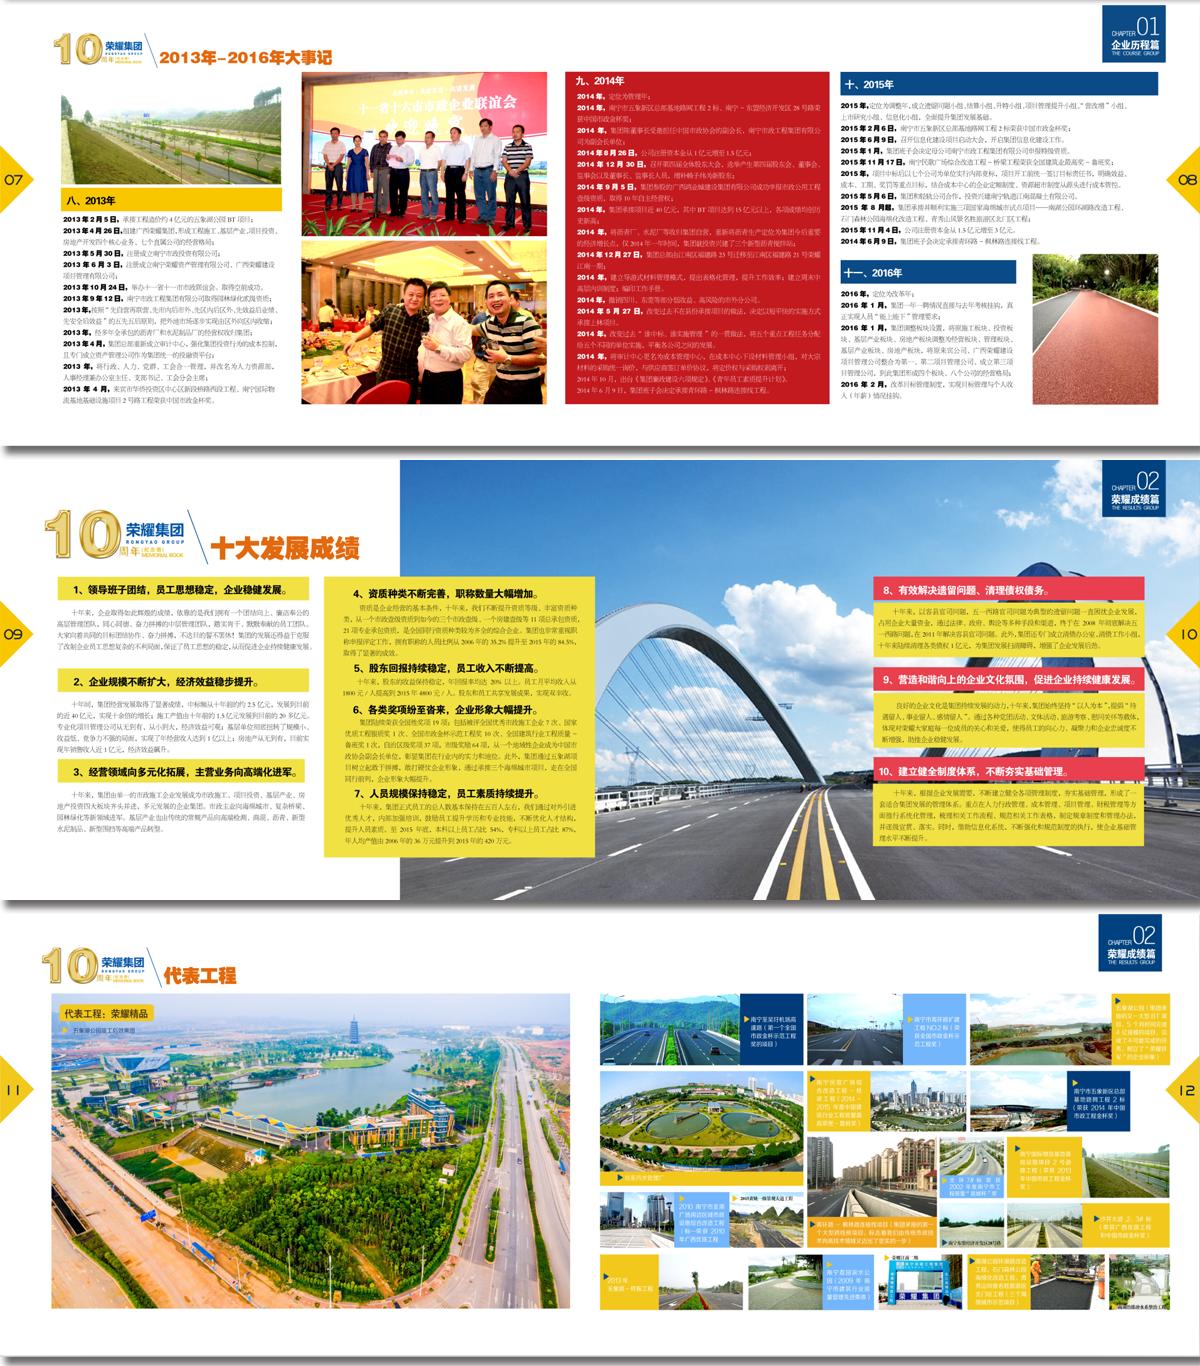 芭乐app官方二维码下载荣耀集团十周年纪念画册设计印刷_02.png